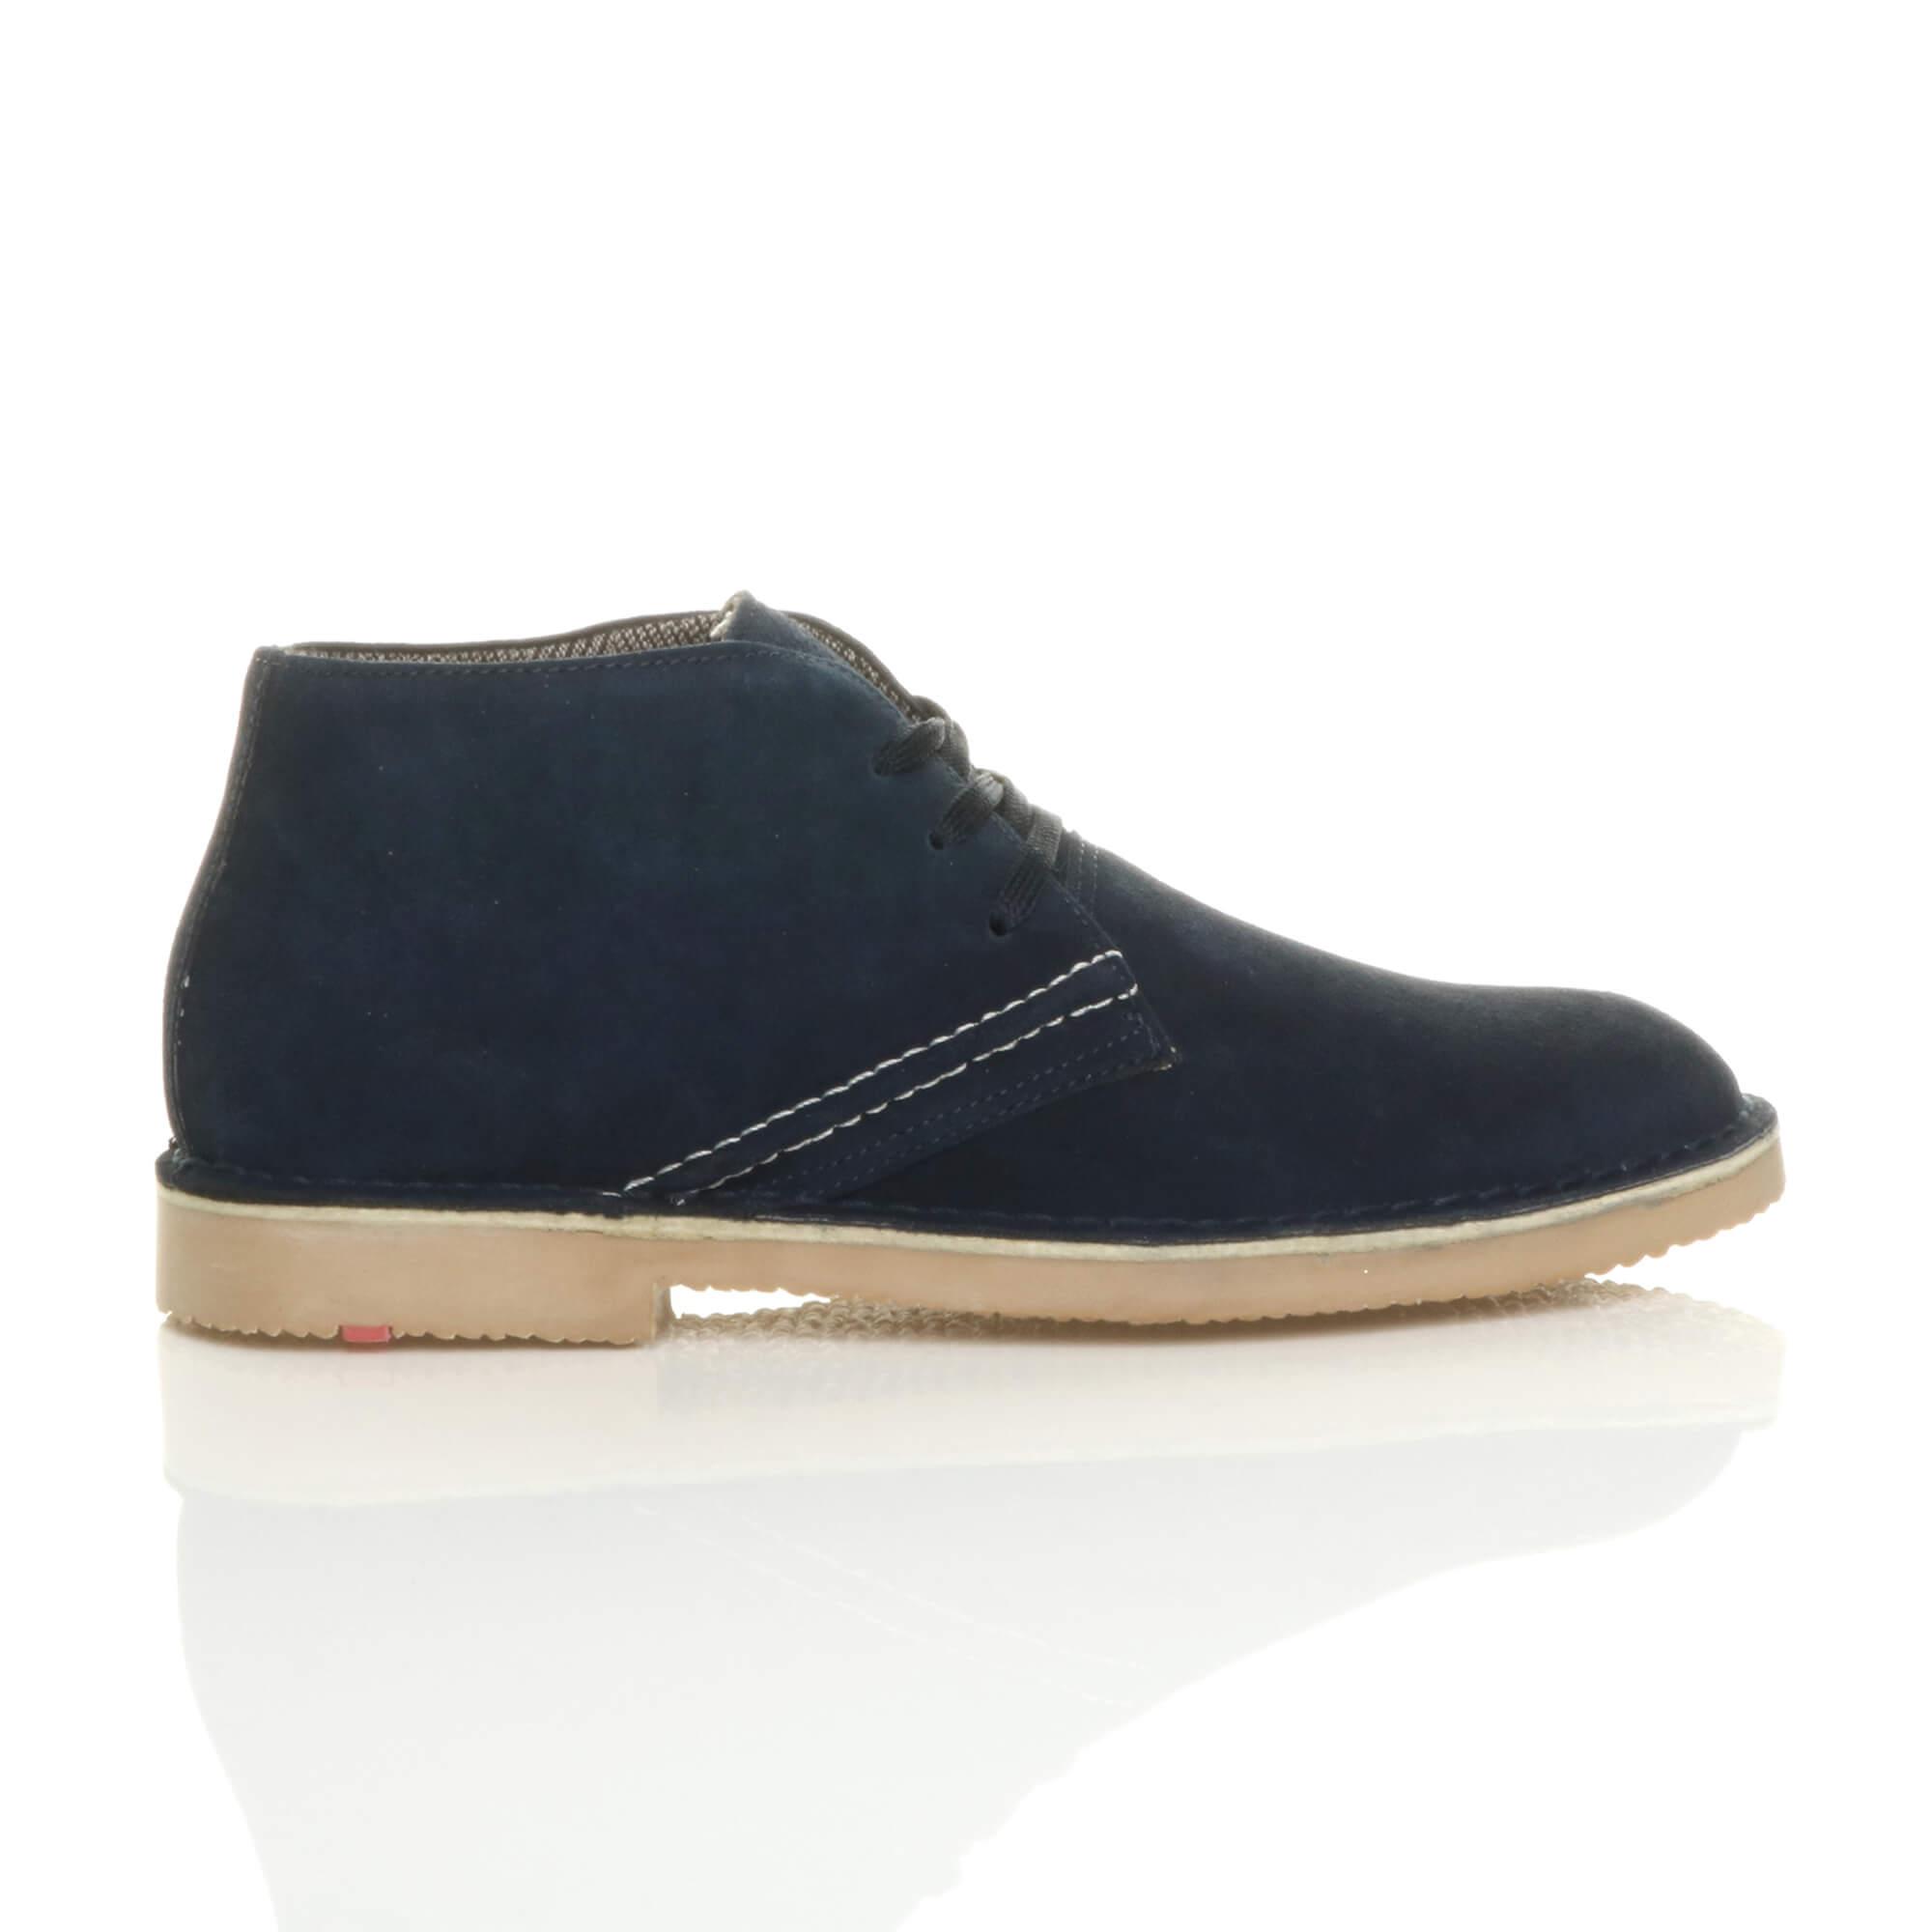 Cheville Cuir Chaussures Travail Plat Desert Hommes Classique Pointure Bottes Xq5wnS